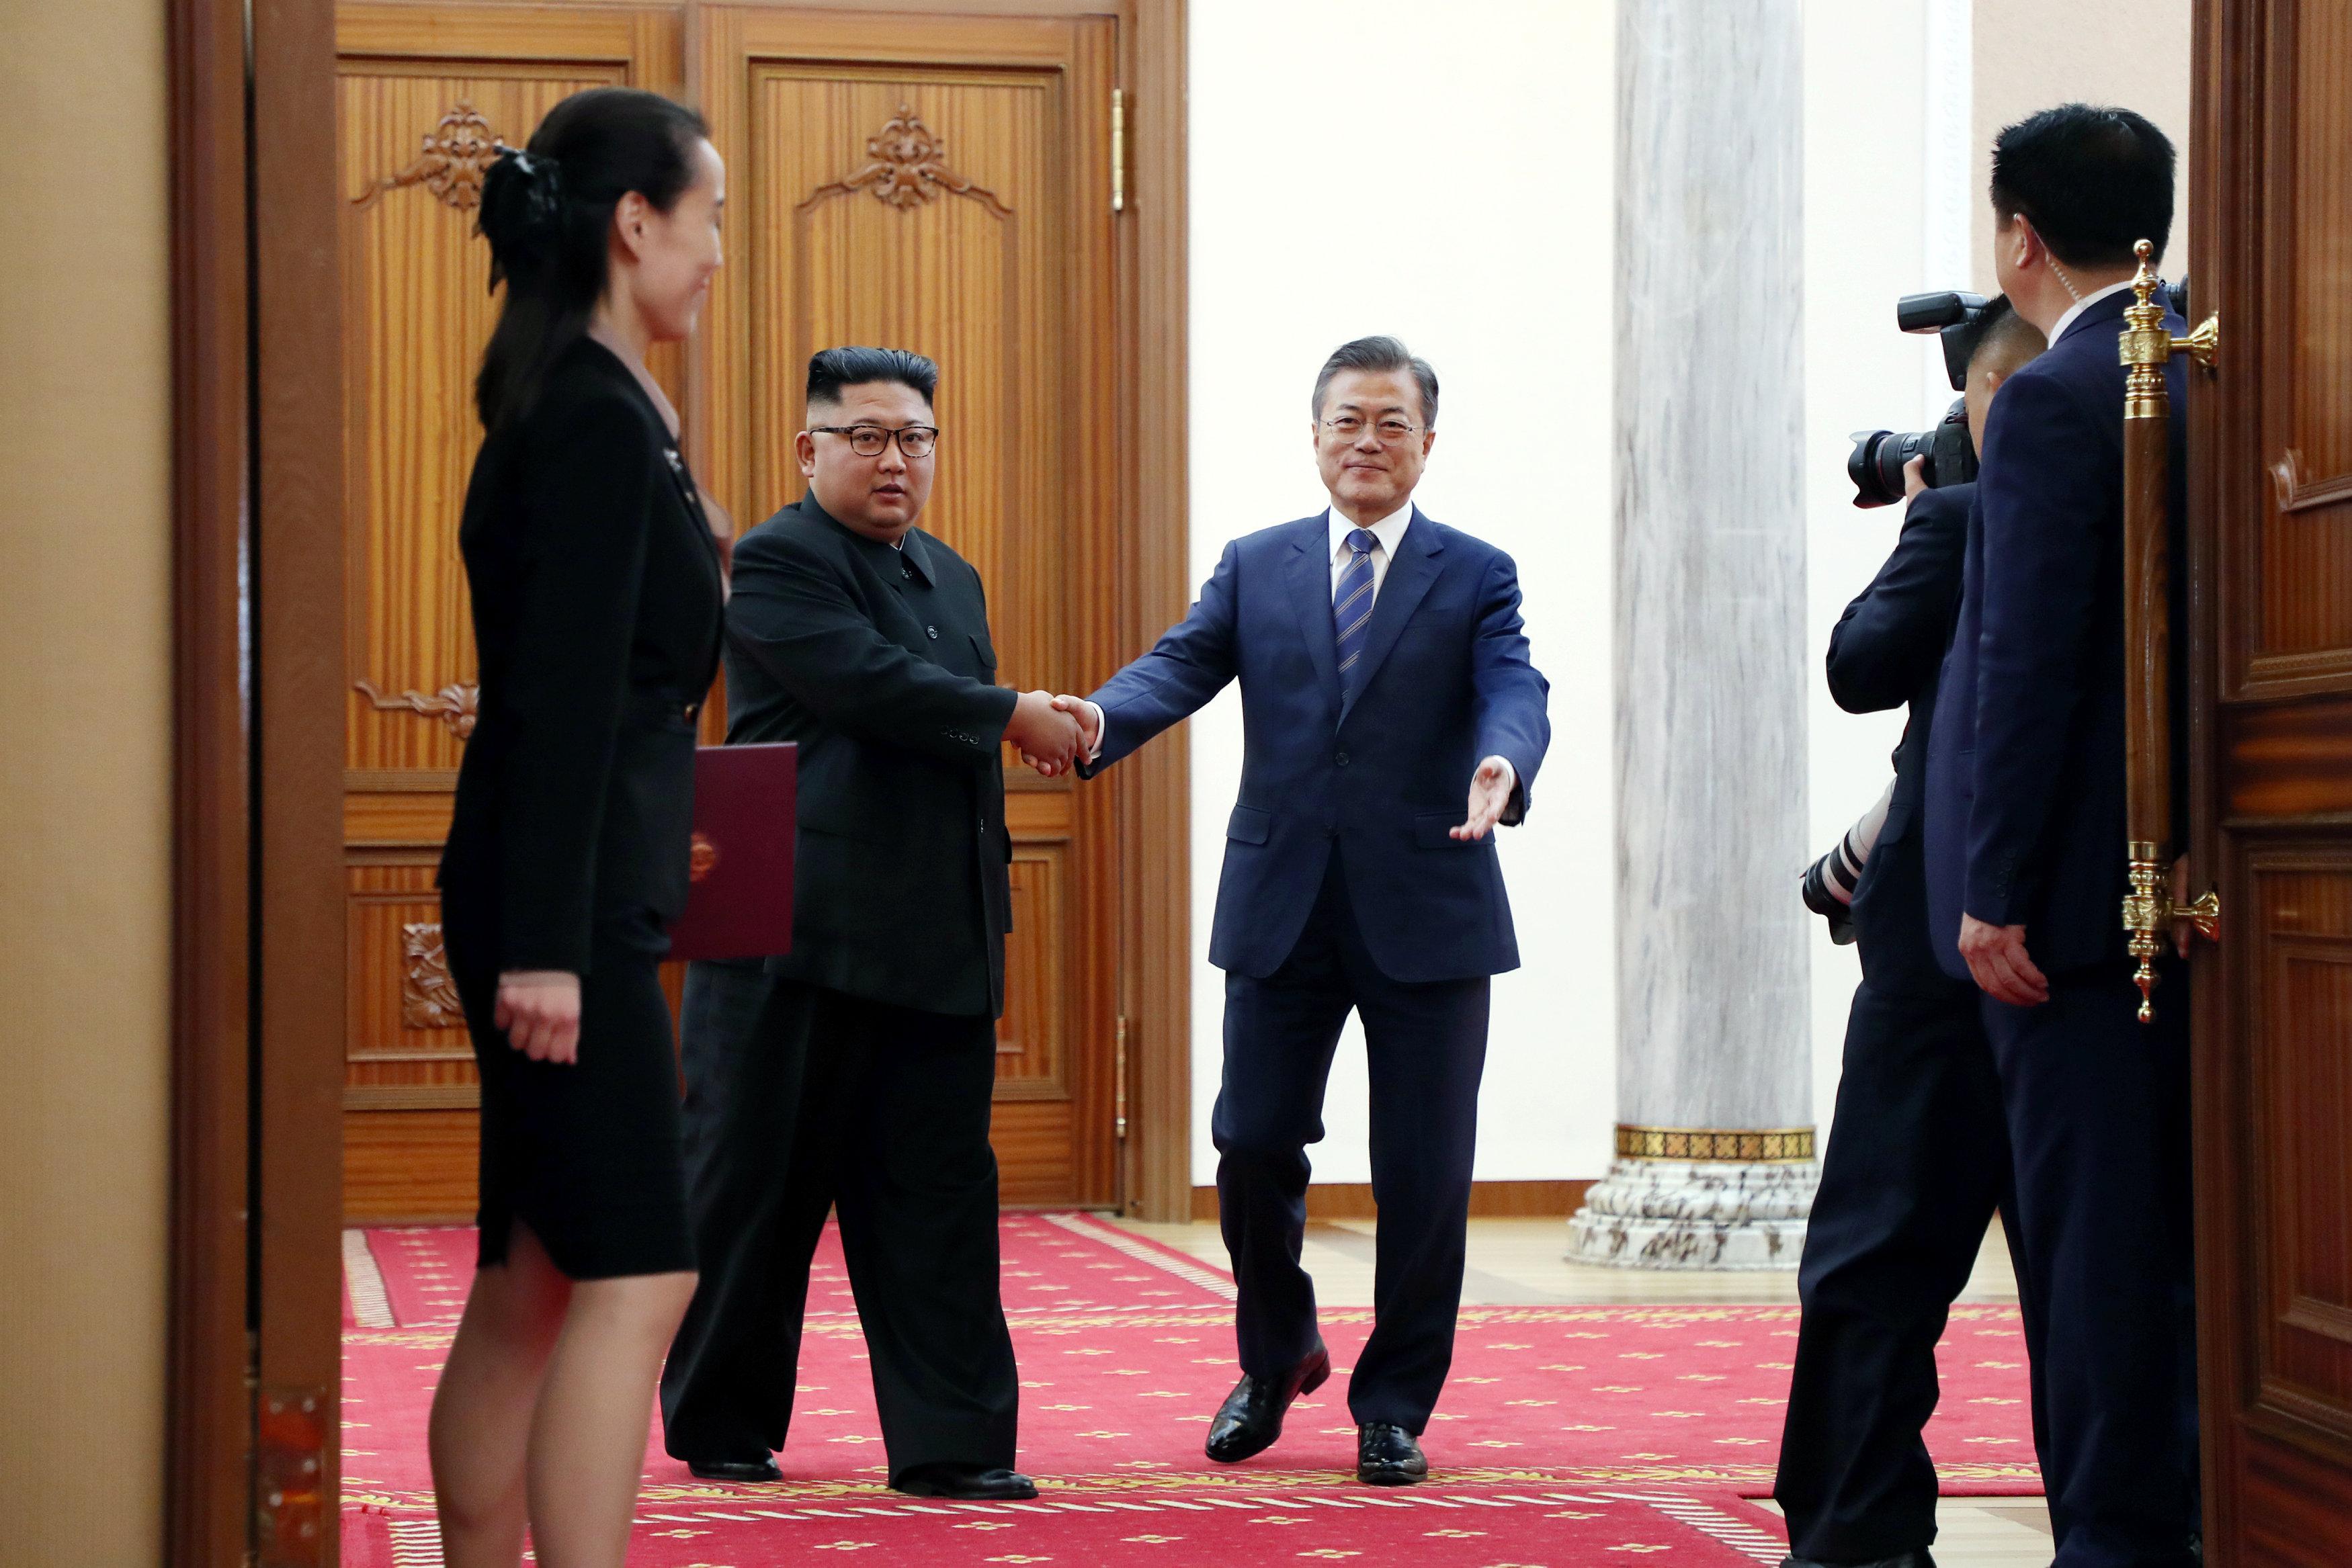 زعيما الكوريتين أثناء دخولهما لقاعة المؤتمر الصحفى